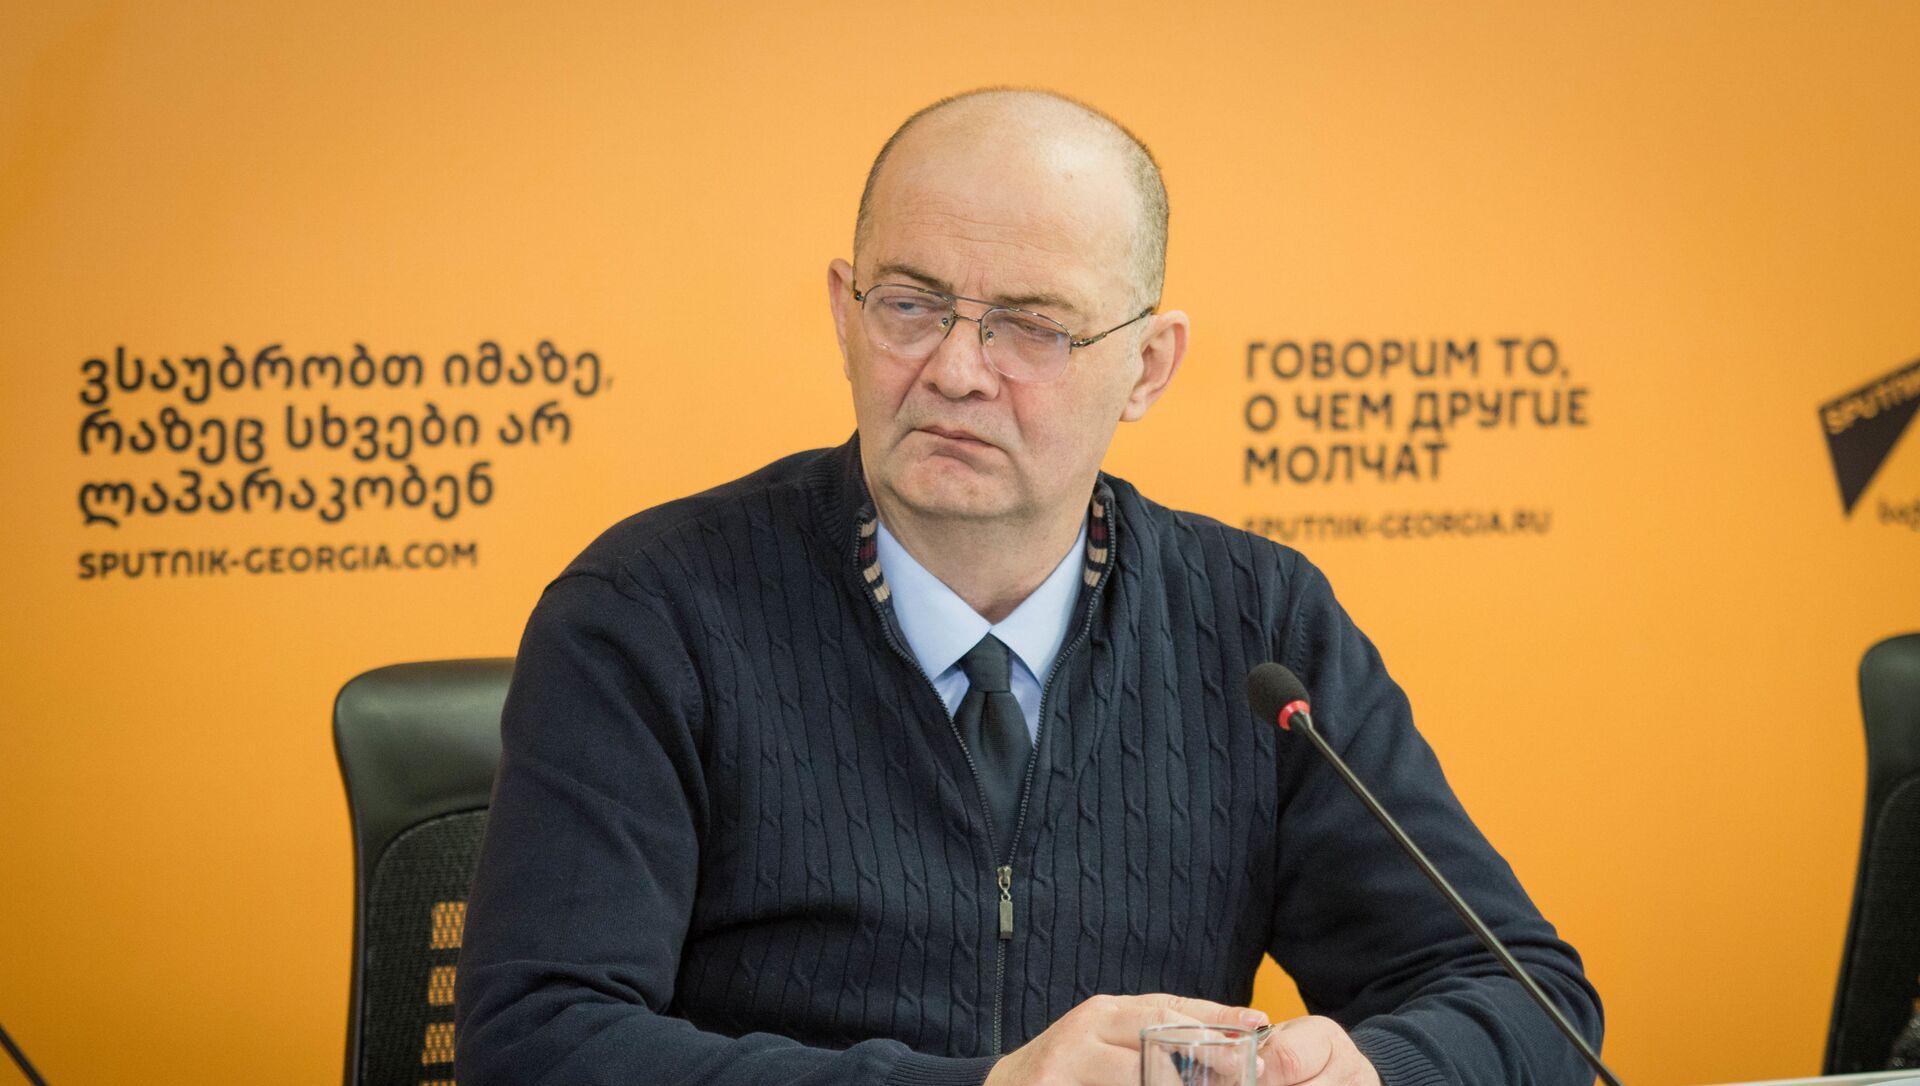 Гия Мепаришвили бывший генеральный прокурор Грузии, доктор права  - Sputnik Грузия, 1920, 07.06.2021